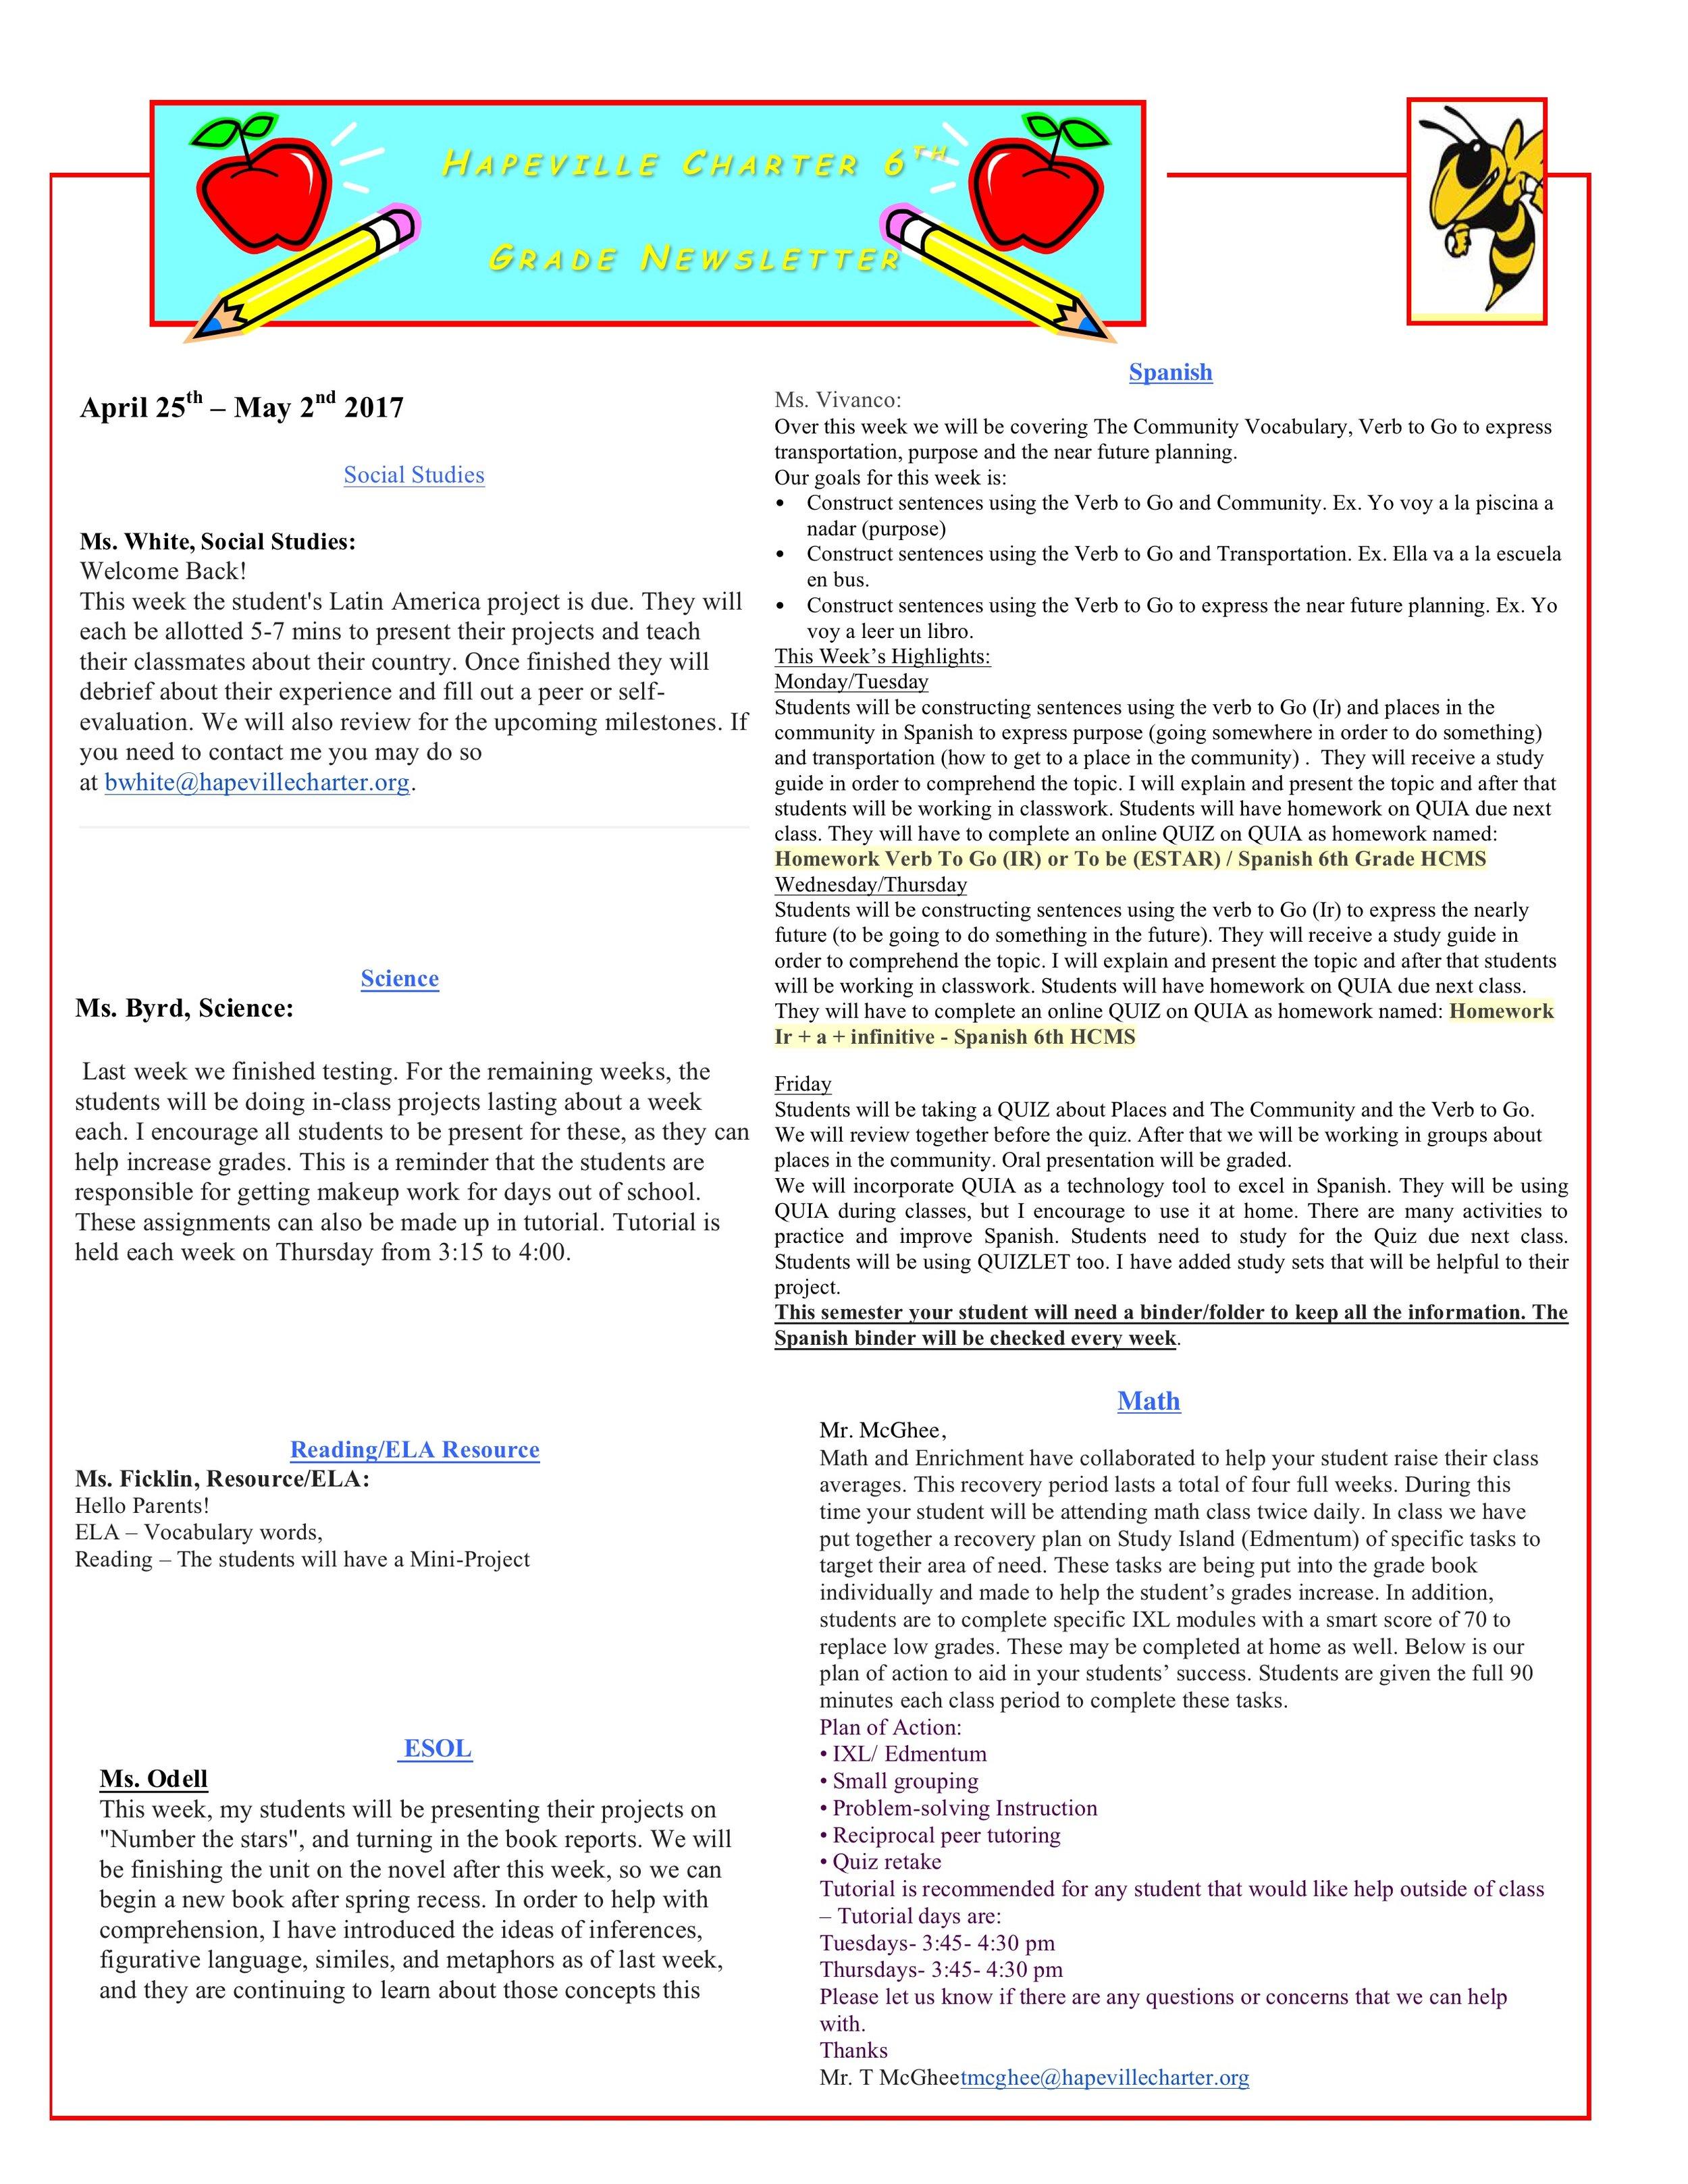 Newsletter Image6th Grade Newsletter 4-25-17.jpeg